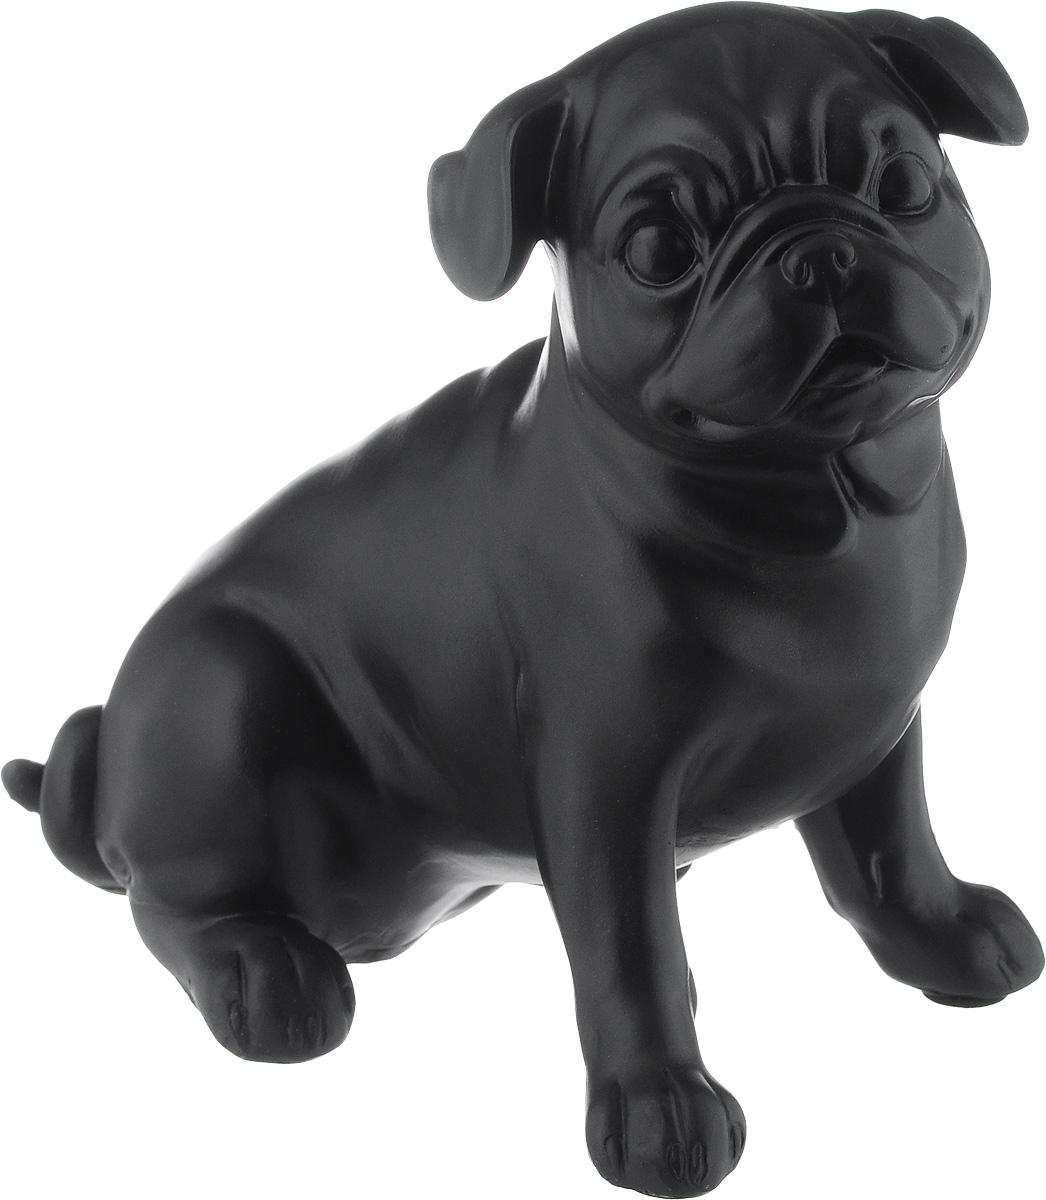 Фигурка декоративная Magic Home Мопс, 19,3 х 12 х 18,5 см25051 7_зеленыйДекоративная фигурка Magic Home Мопс изготовлена из полирезина. Изделие выполнено в виде собаки.Вы можете поставить фигурку в любом месте, где она будет удачно смотреться и радовать глаз. Сувенир отлично подойдет в качестве подарка близким или друзьям.